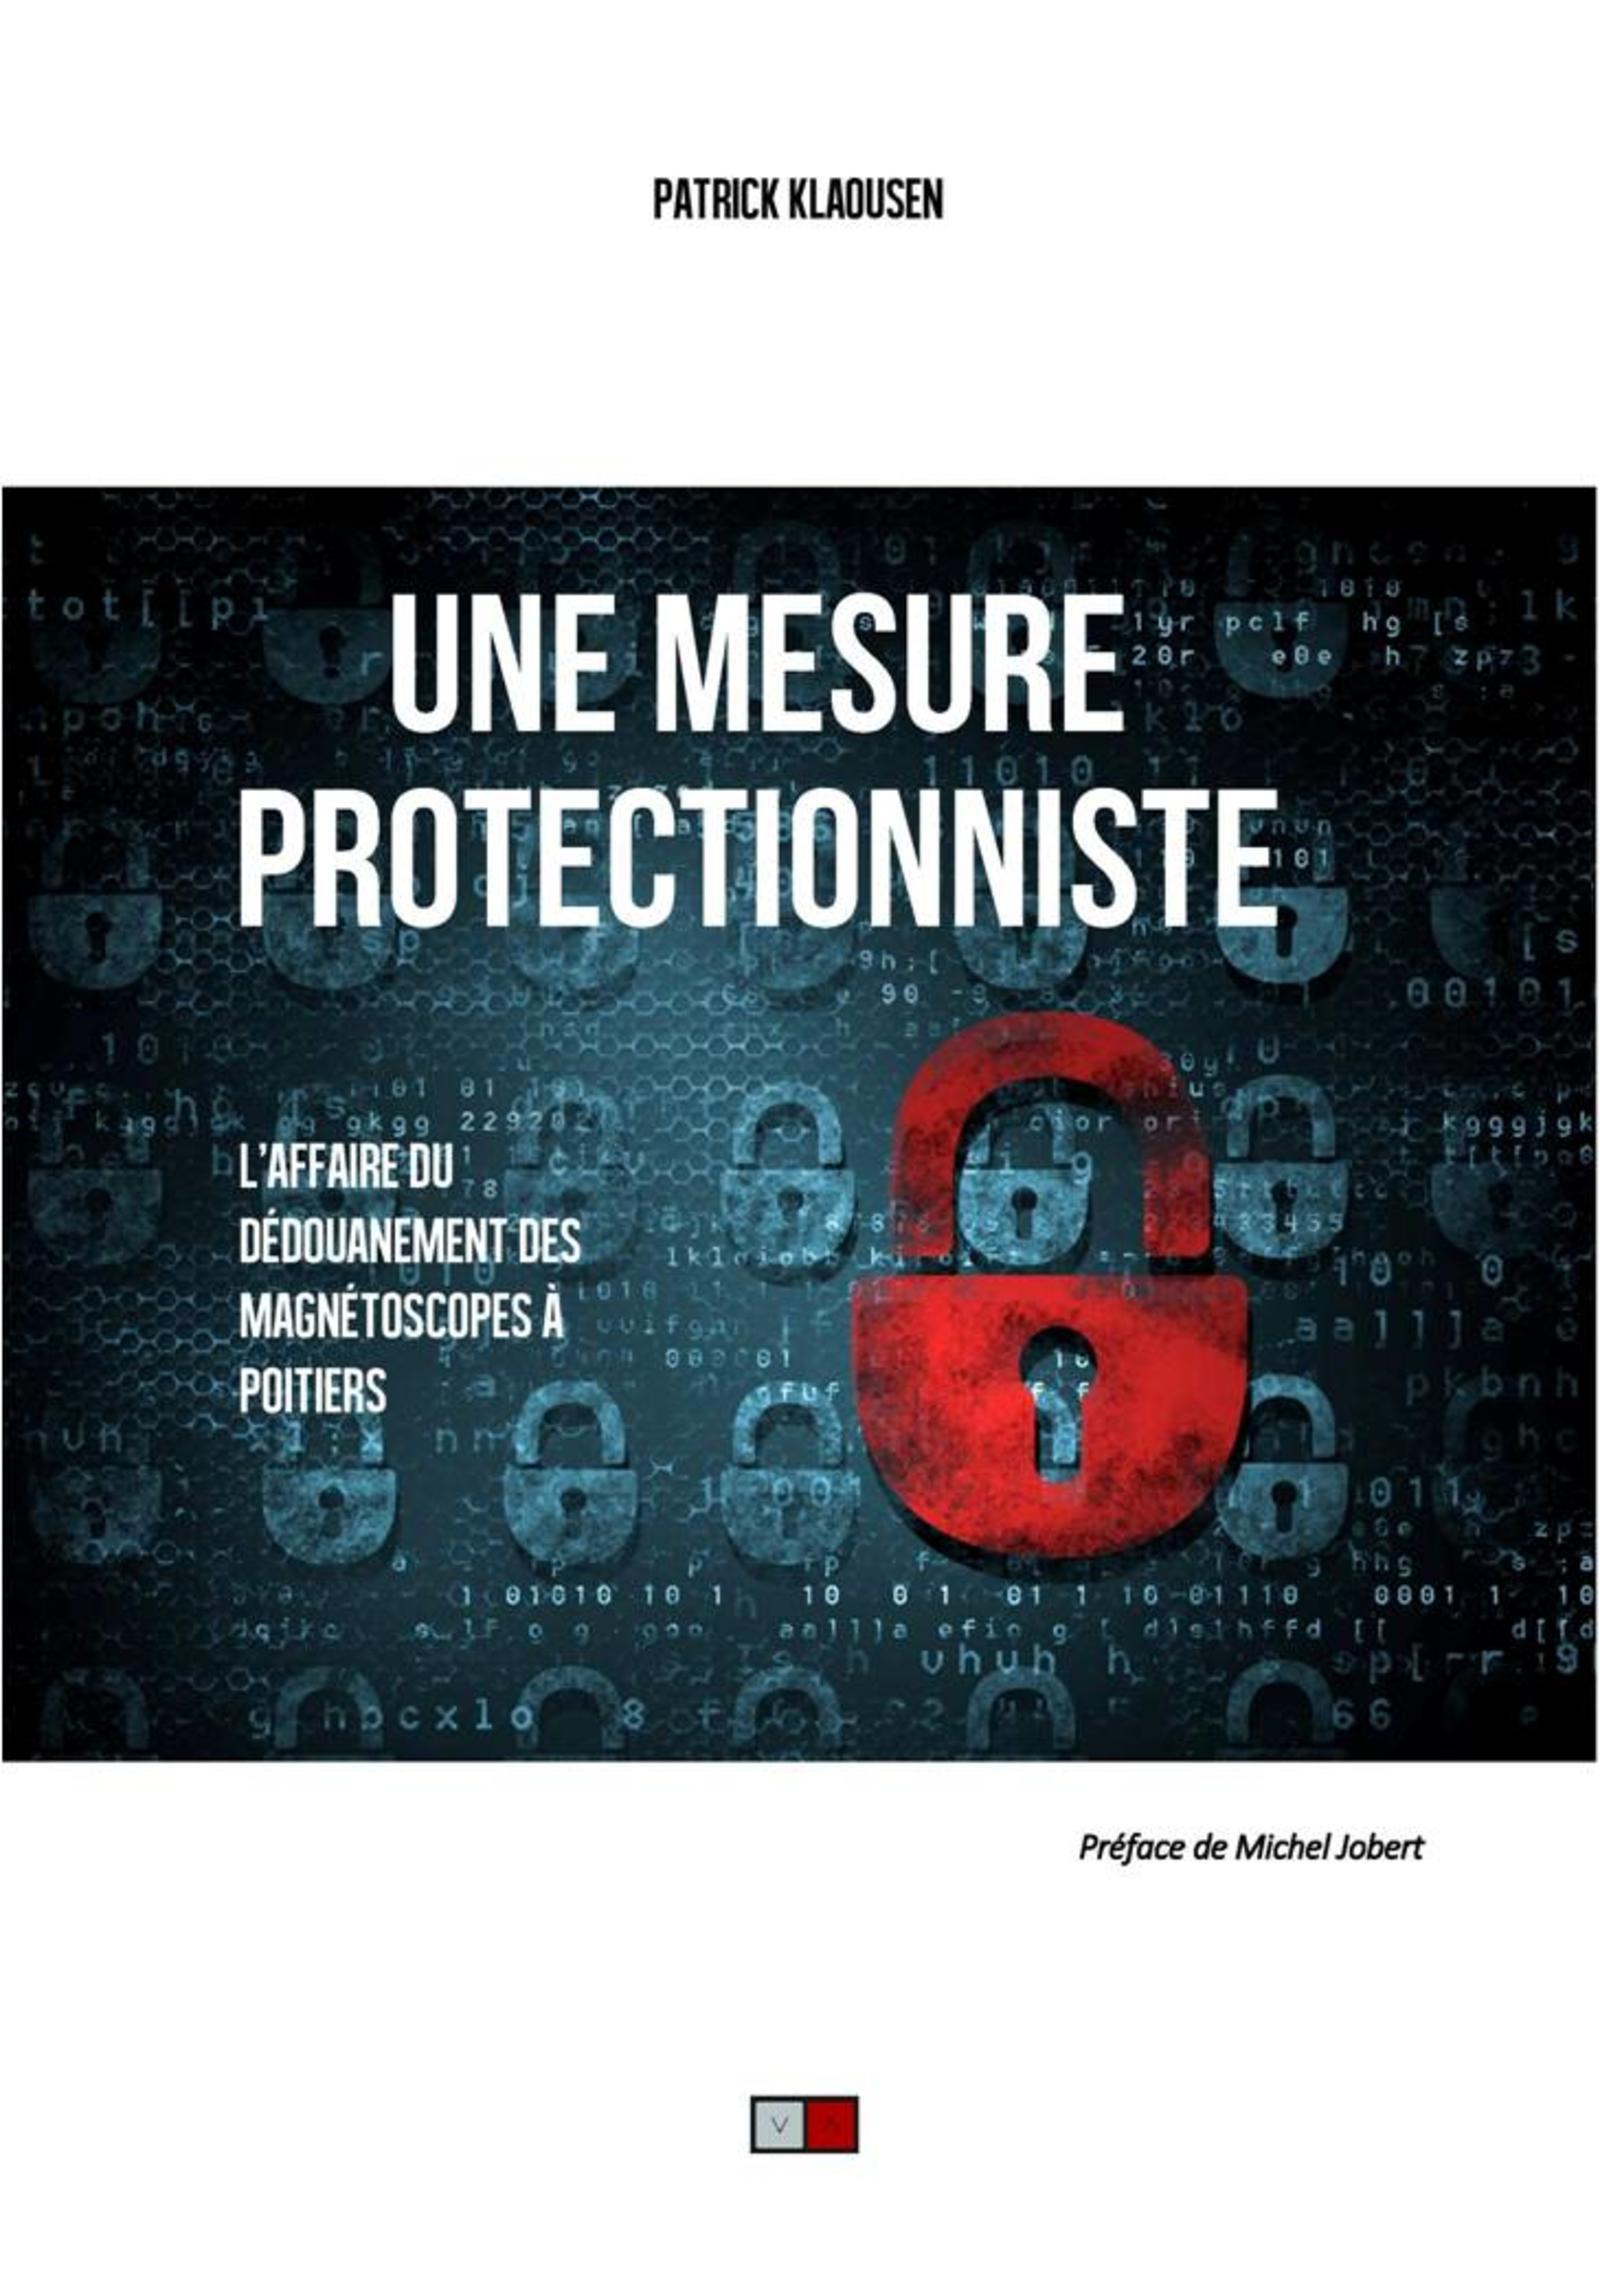 UNE MESURE PROTECTIONNISTE - L'AFFAIRE DU DEDOUANEMENT DES MAGNETOSCOPES A POITIERS